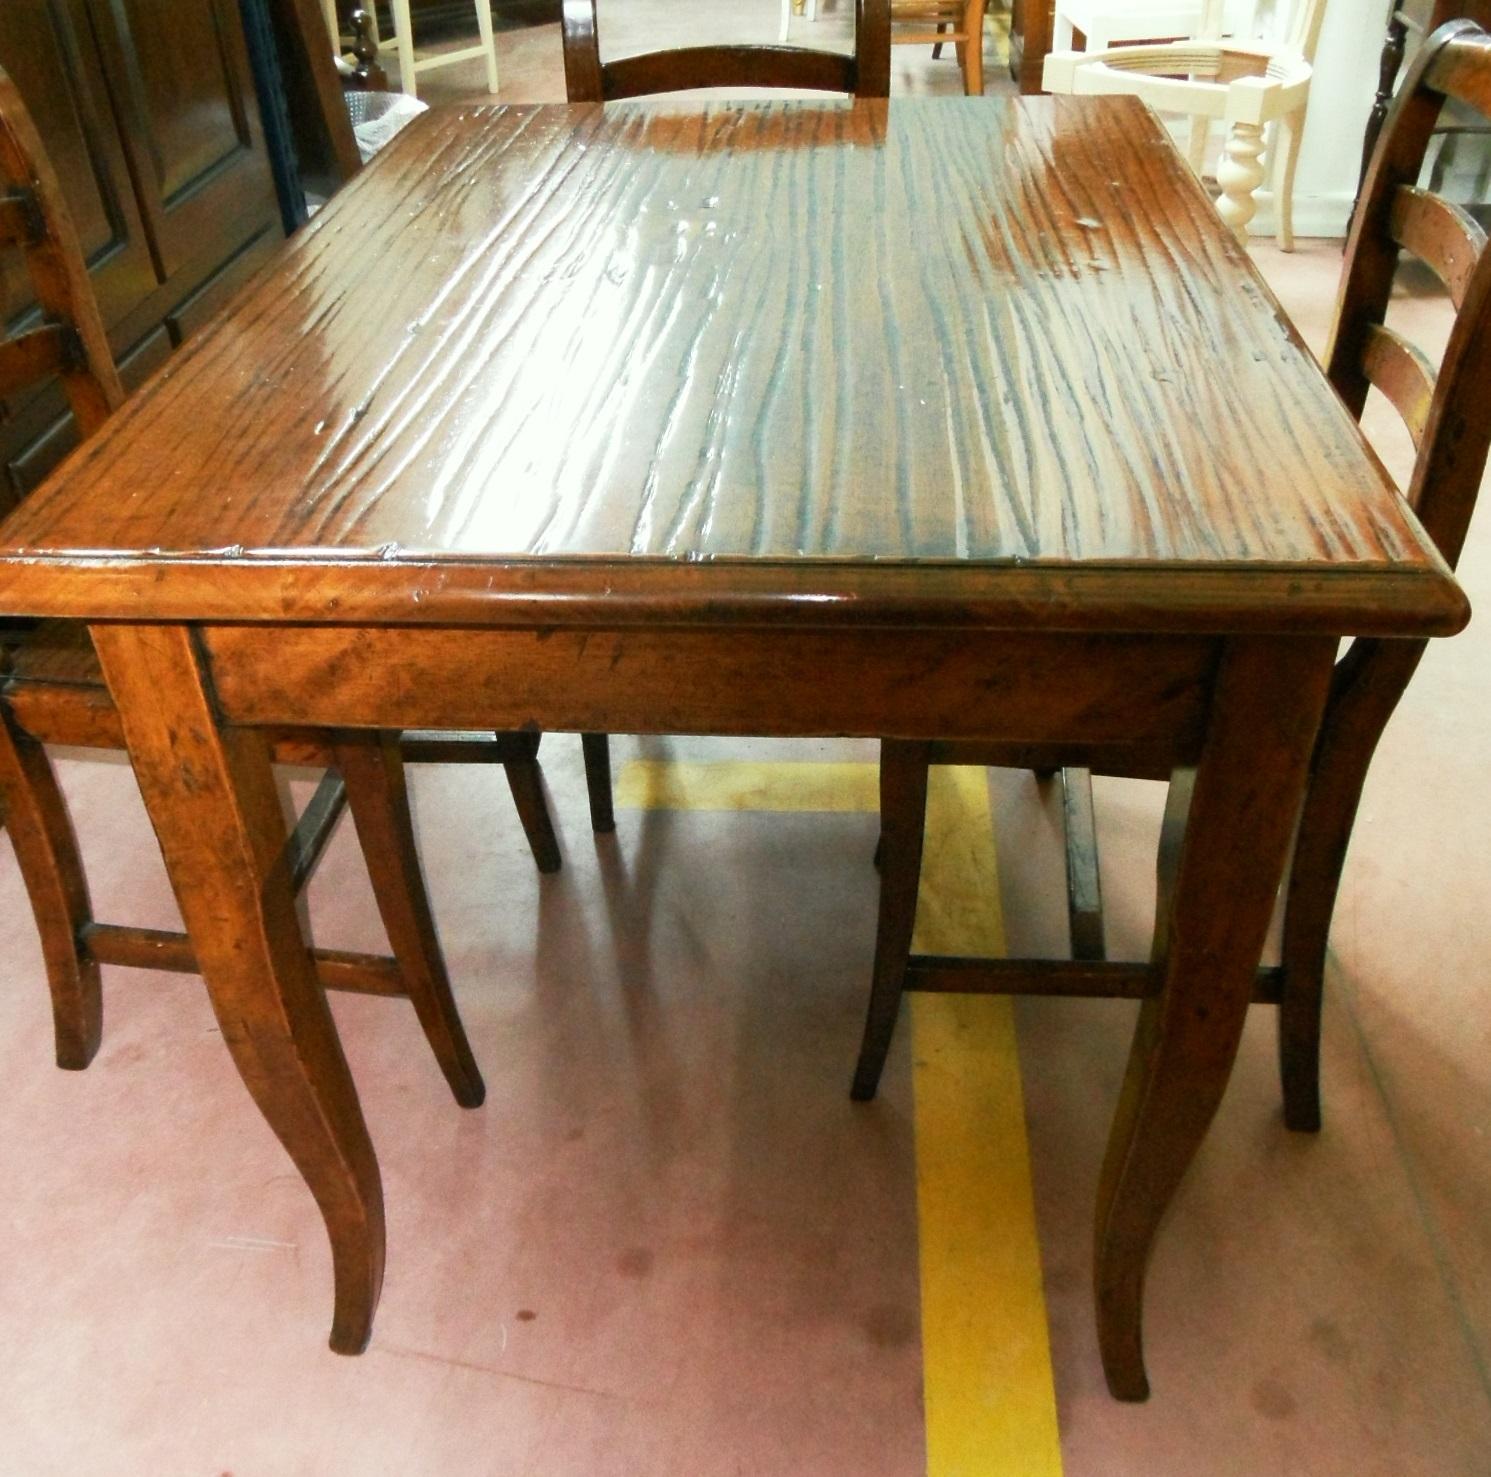 tavolo da cucina con sedie scontato del 60 tavoli a